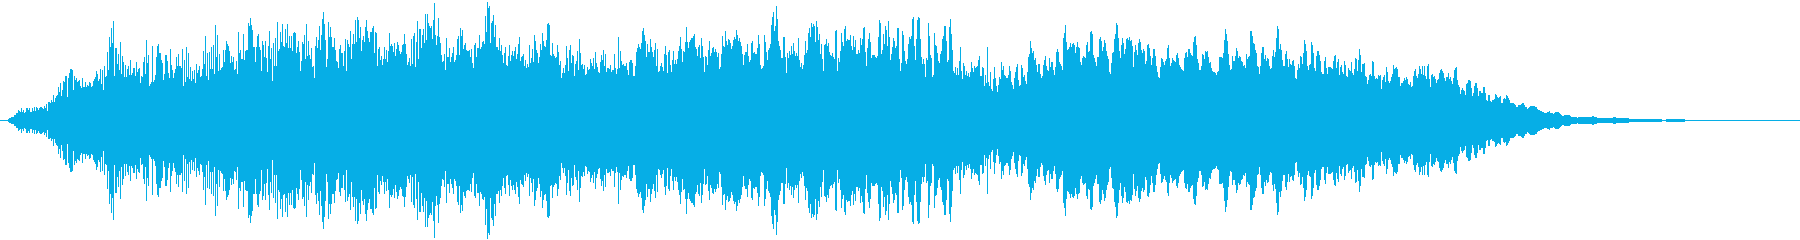 ミューーーーーーンの再生済みの波形